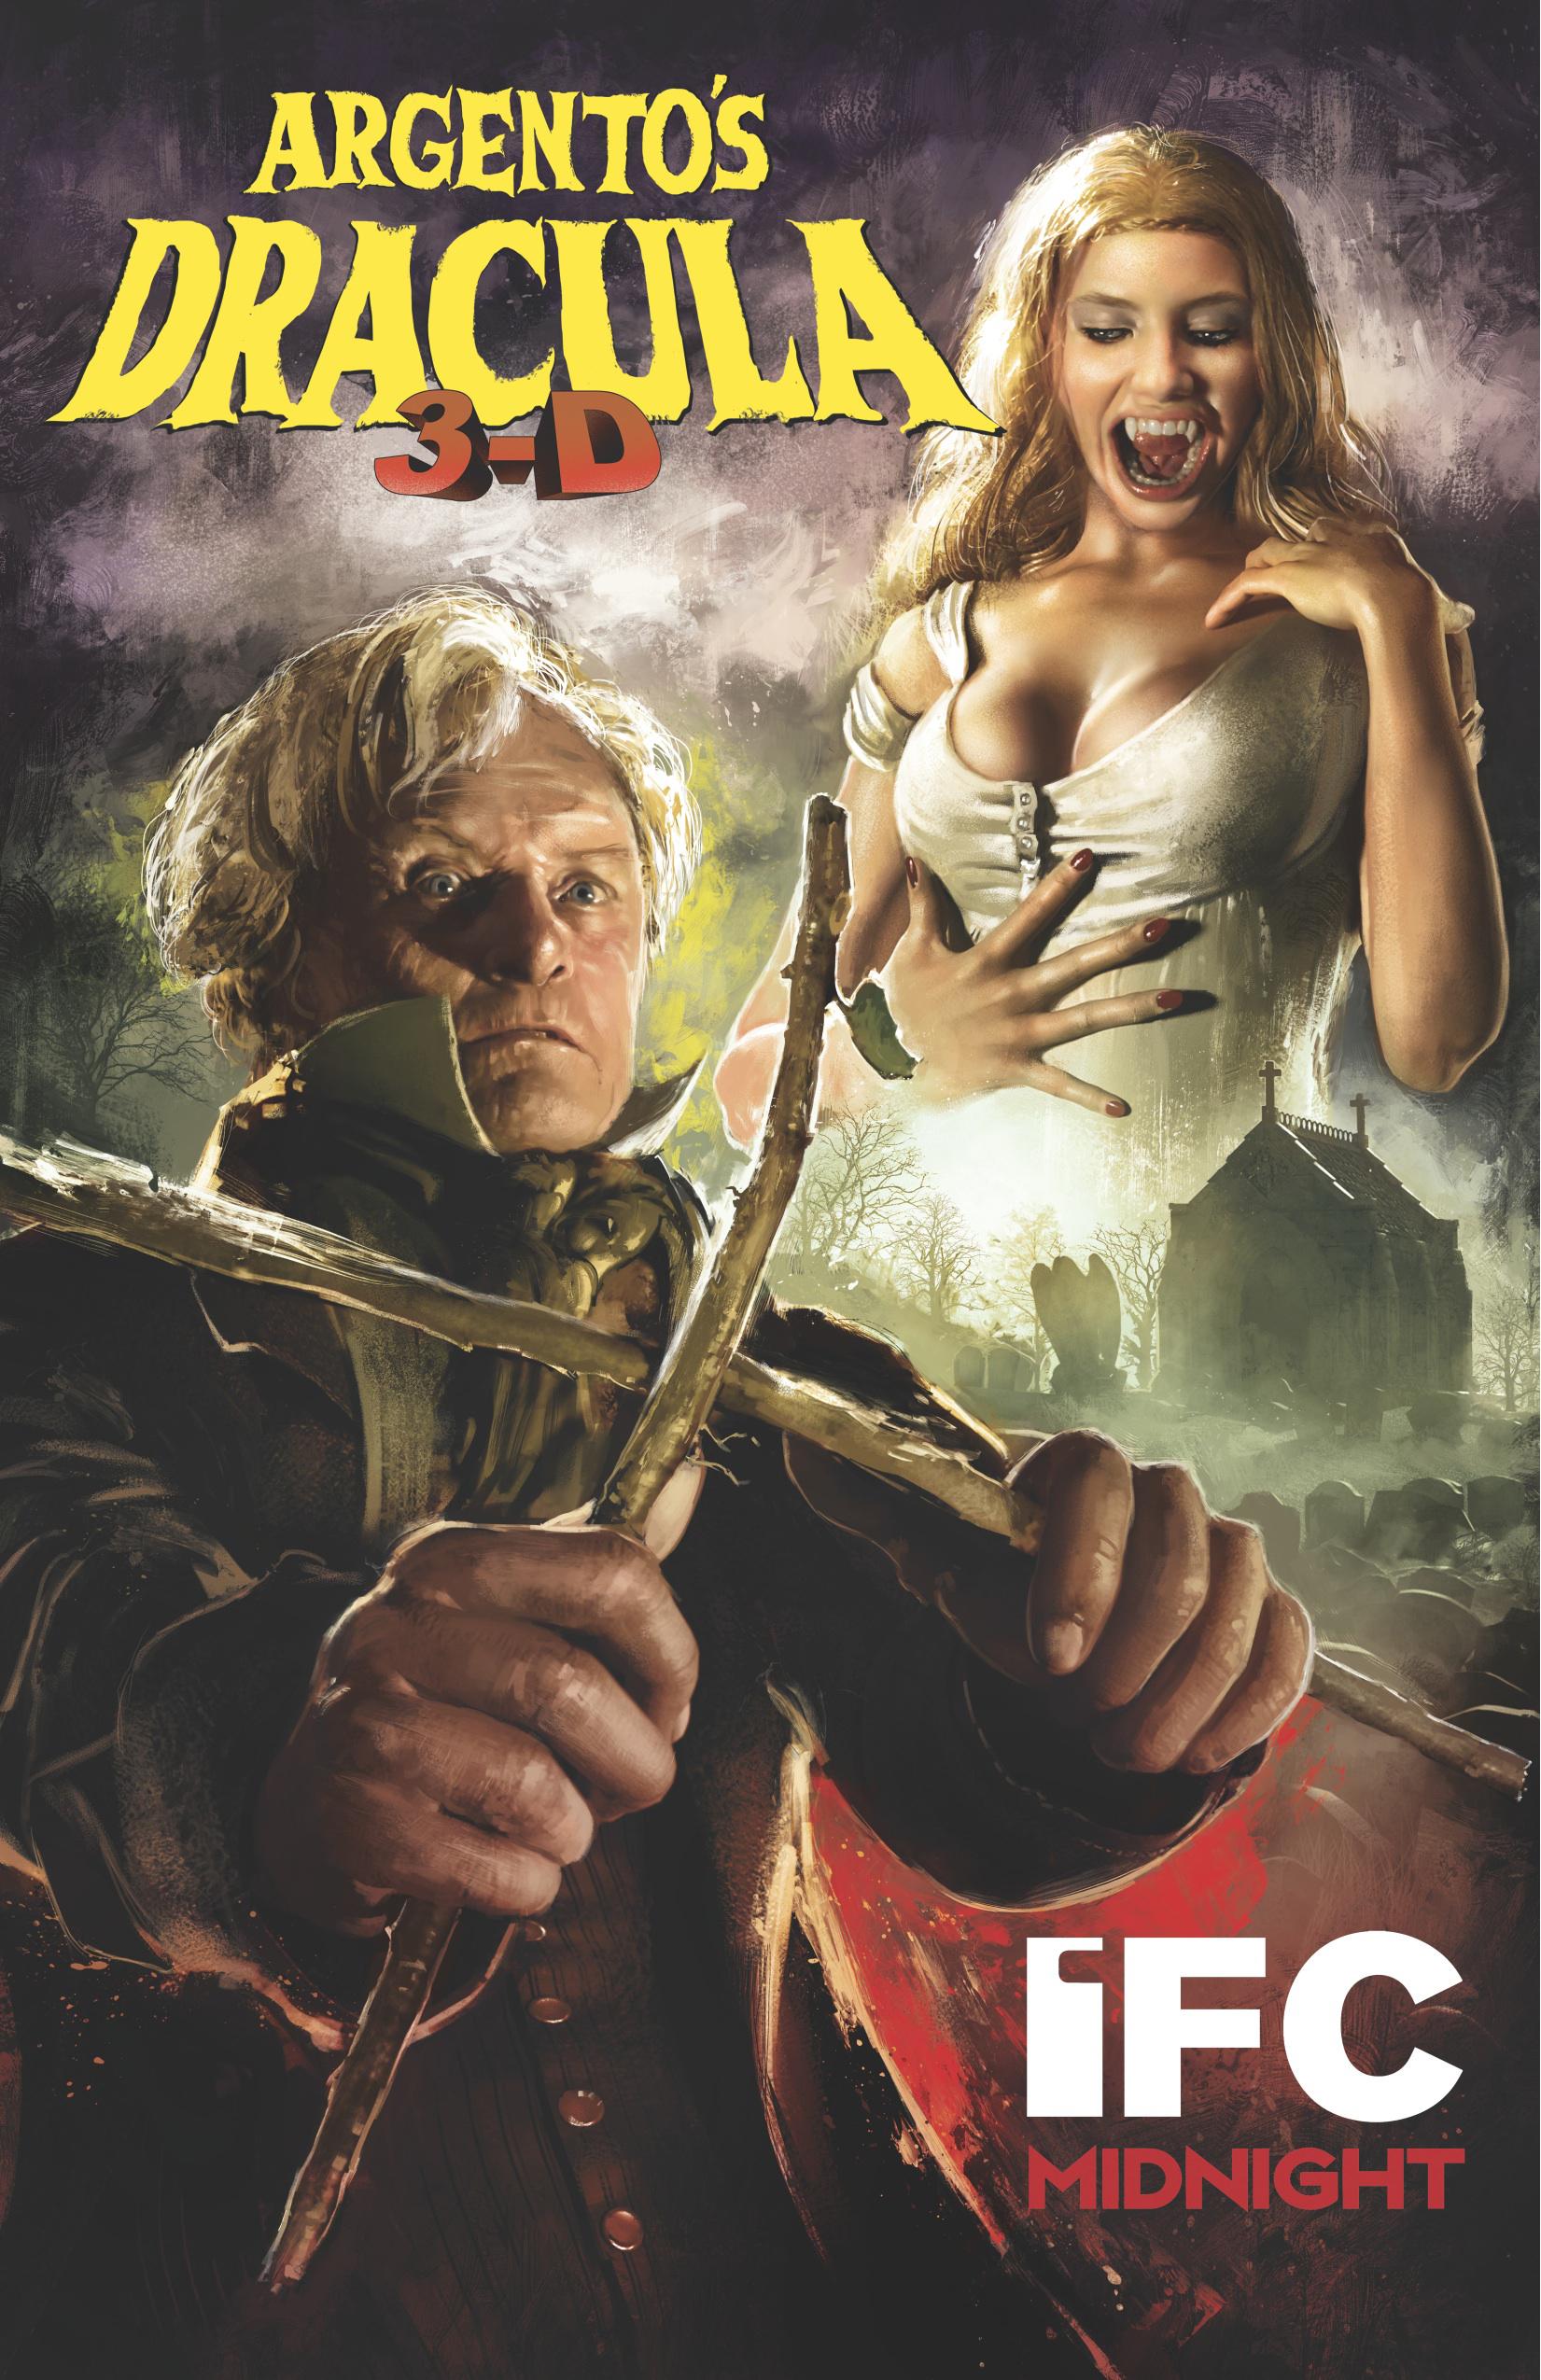 October 23rd: Dracula 3D (2012)